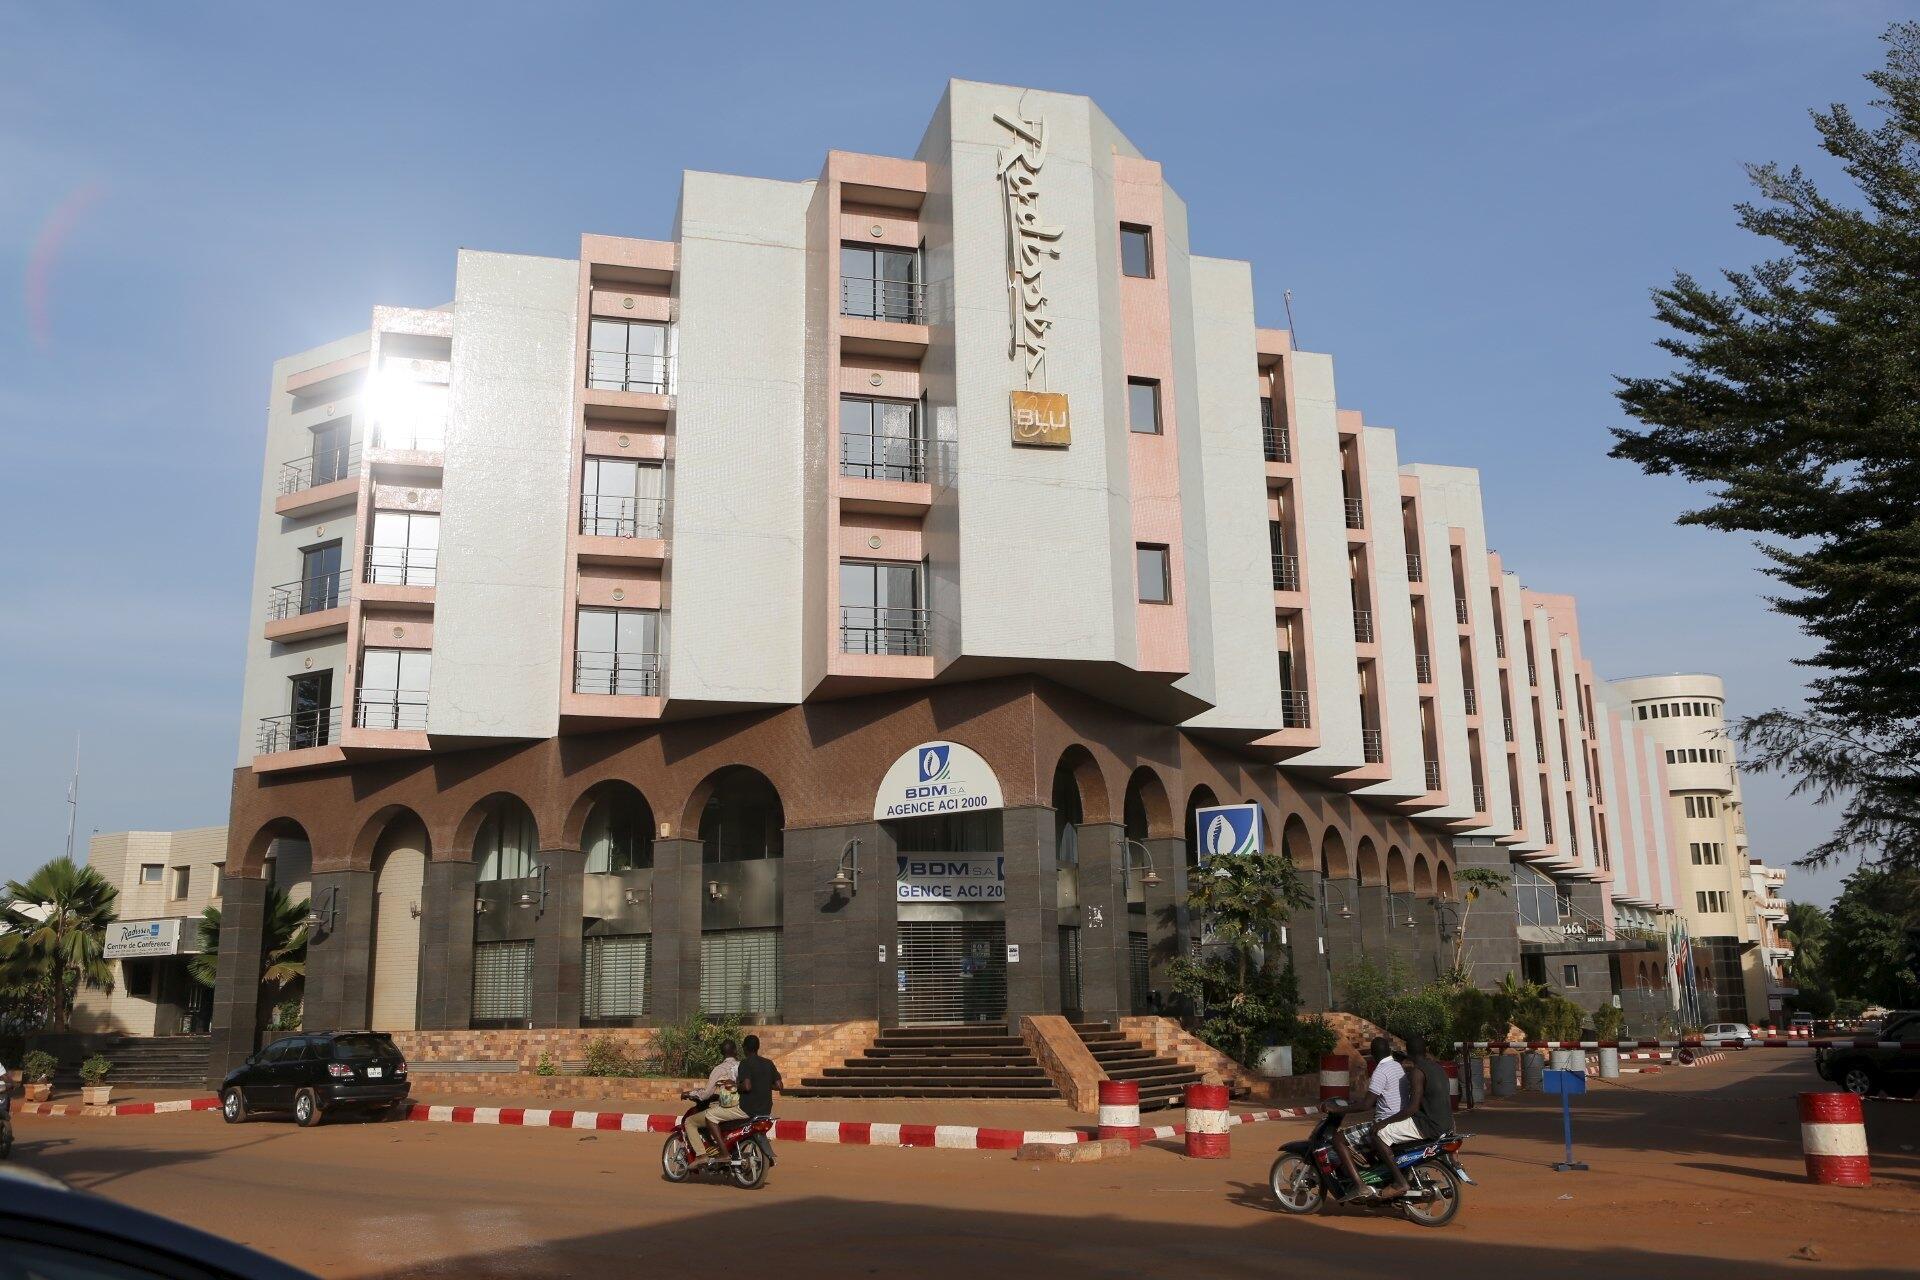 L'hôtel Radisson à Bamako, cible d'une attaque terroriste sanglante le 20 novembre 2015.